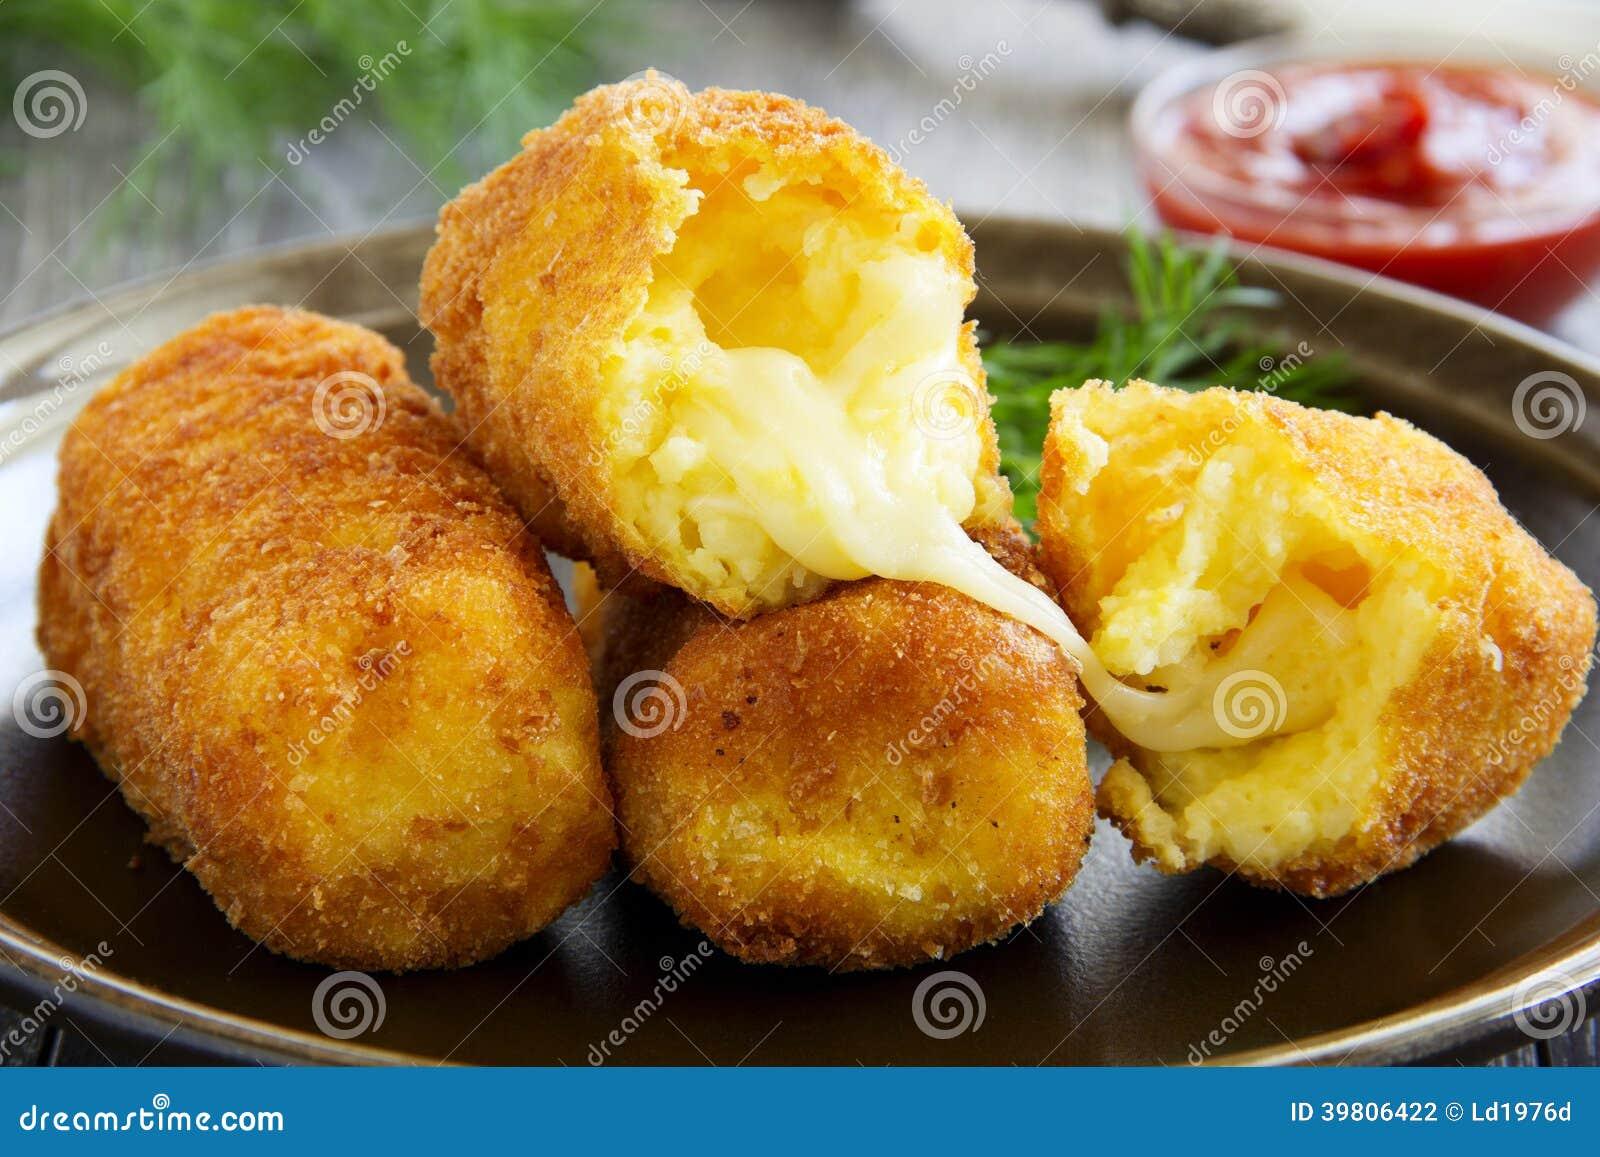 croquettes de pomme de terre avec du mozzarella photo stock image du potatoes frit 39806422. Black Bedroom Furniture Sets. Home Design Ideas